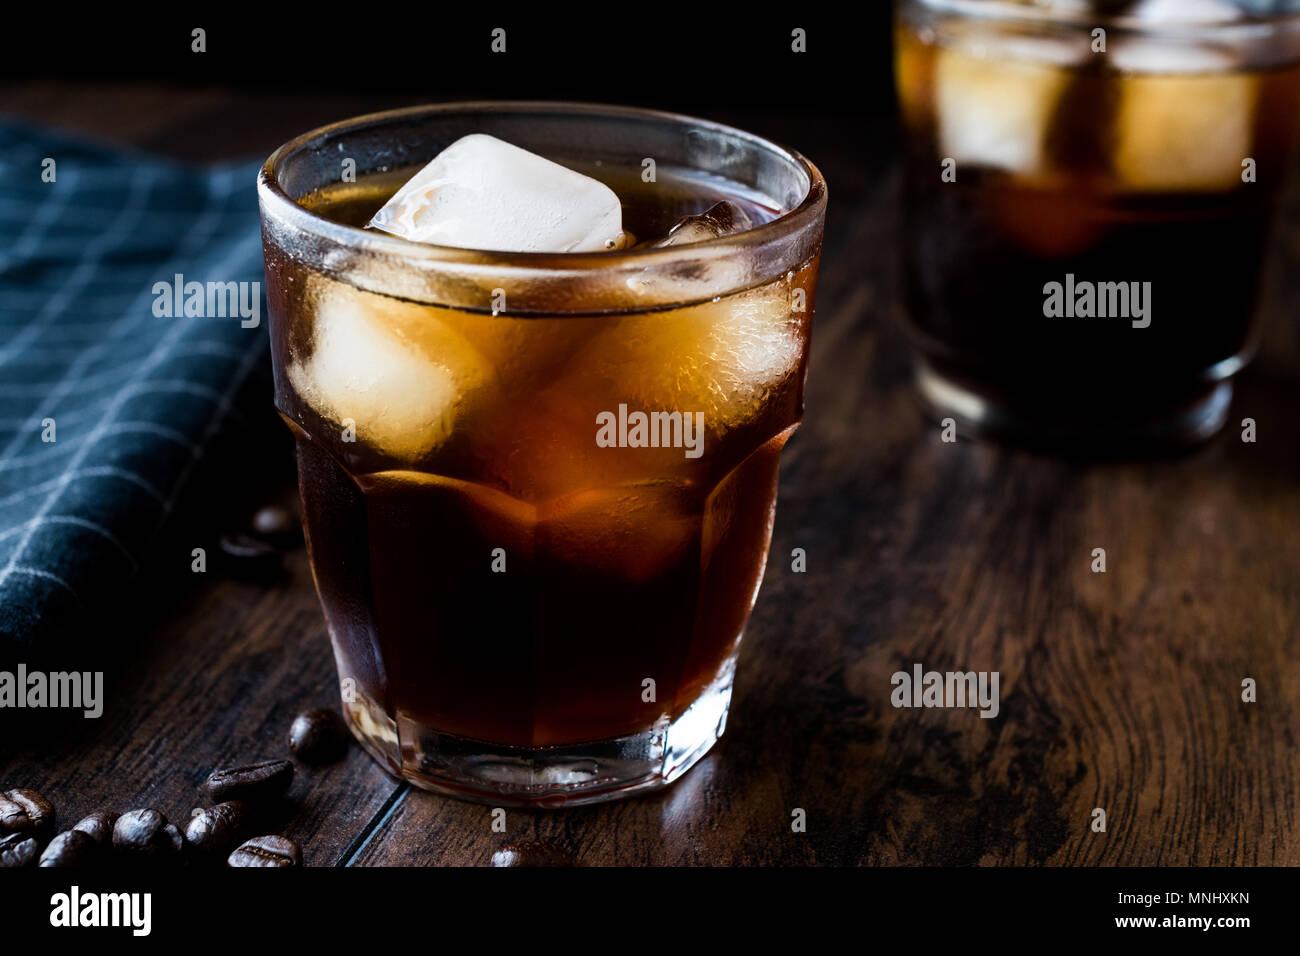 Kalter Kaffee brühen, mit Eis oder Eiskaffee. Bio Trinken. Stockfoto